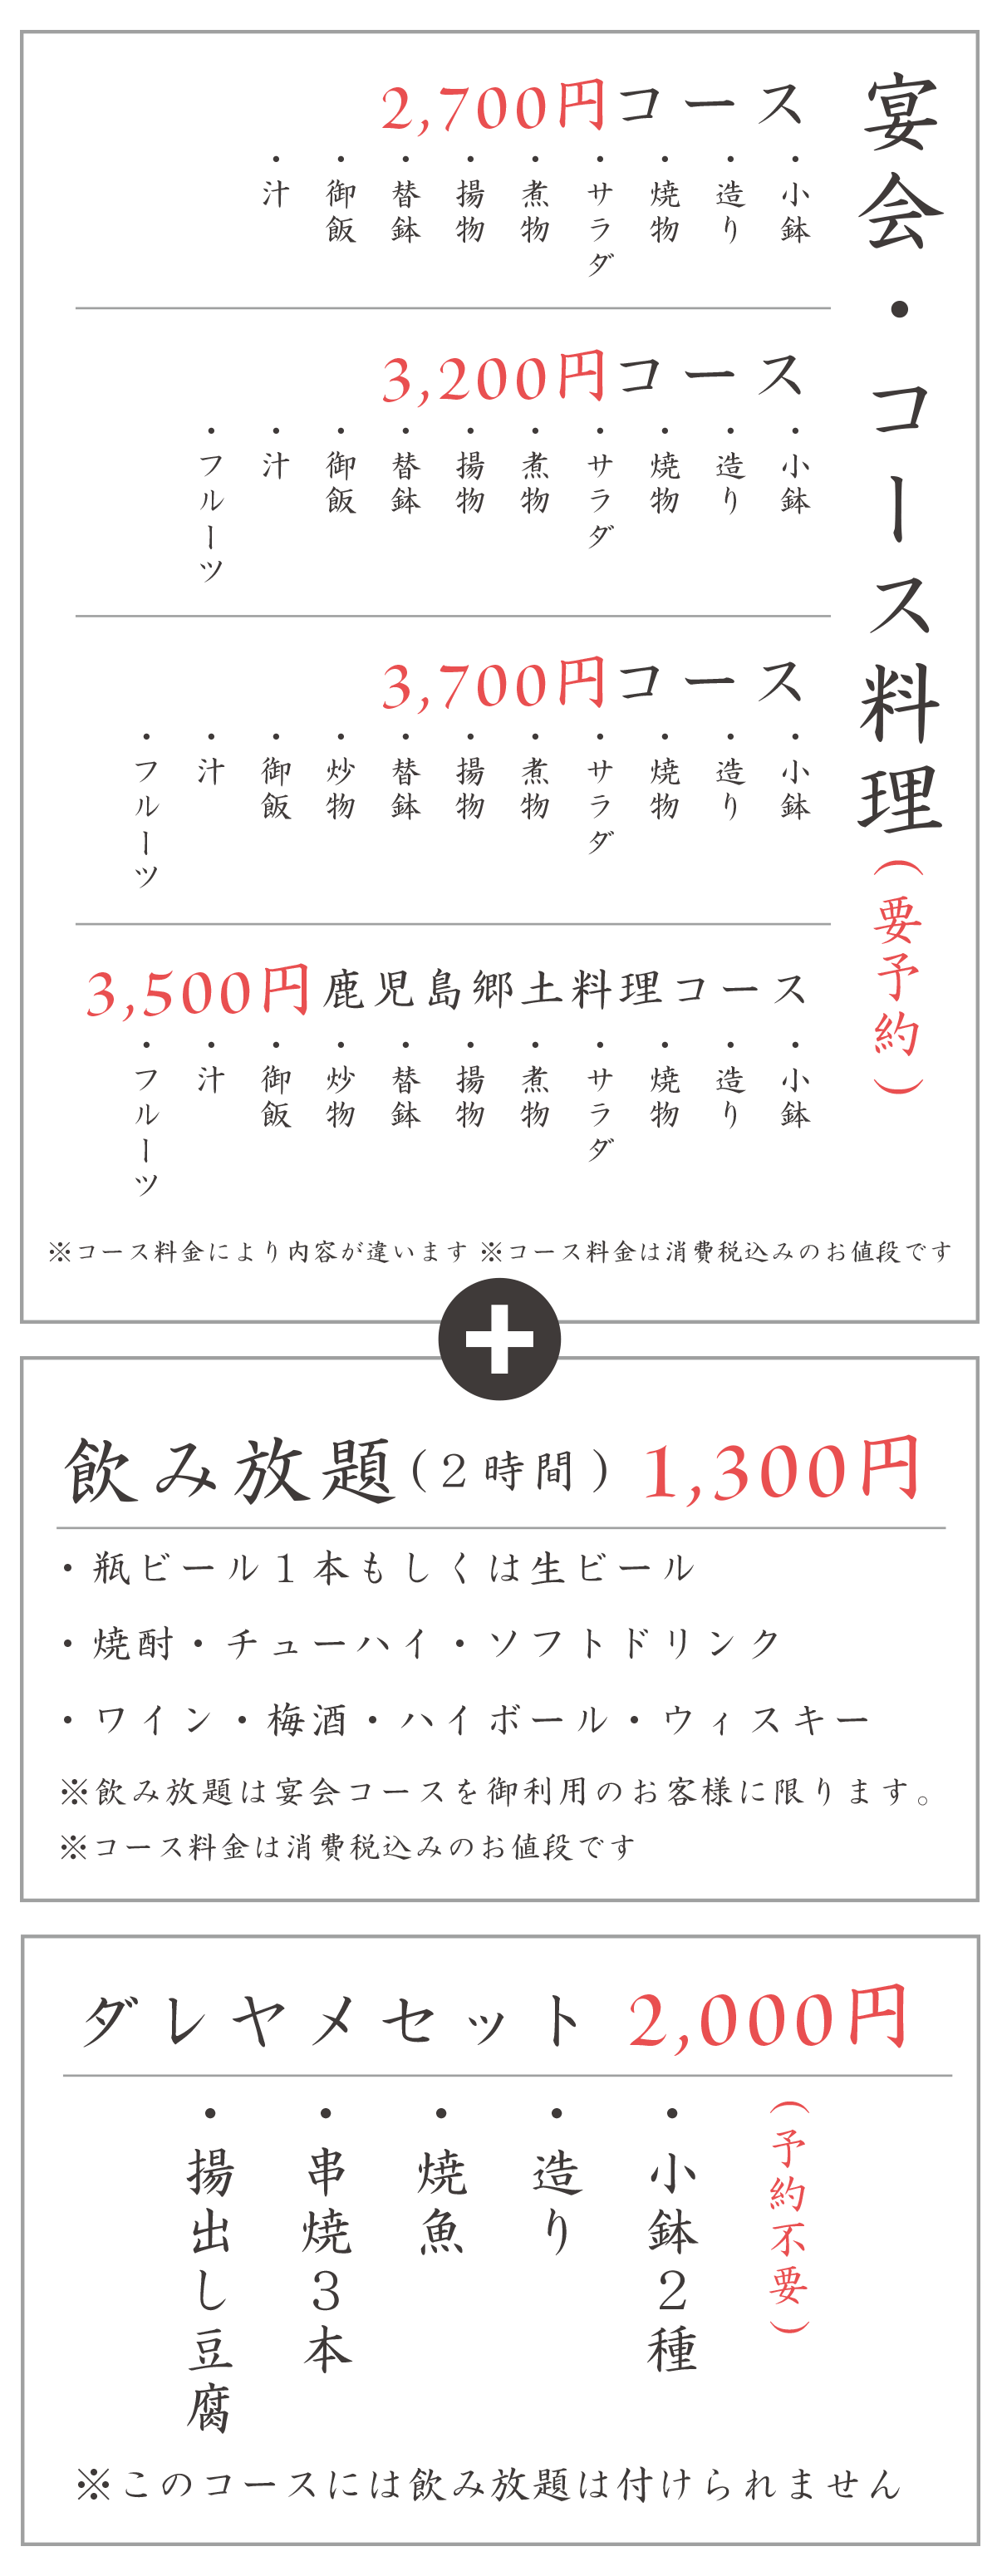 宴会コース料理・飲み放題メニュー・ダレヤメセット・鹿児島郷土料理コース